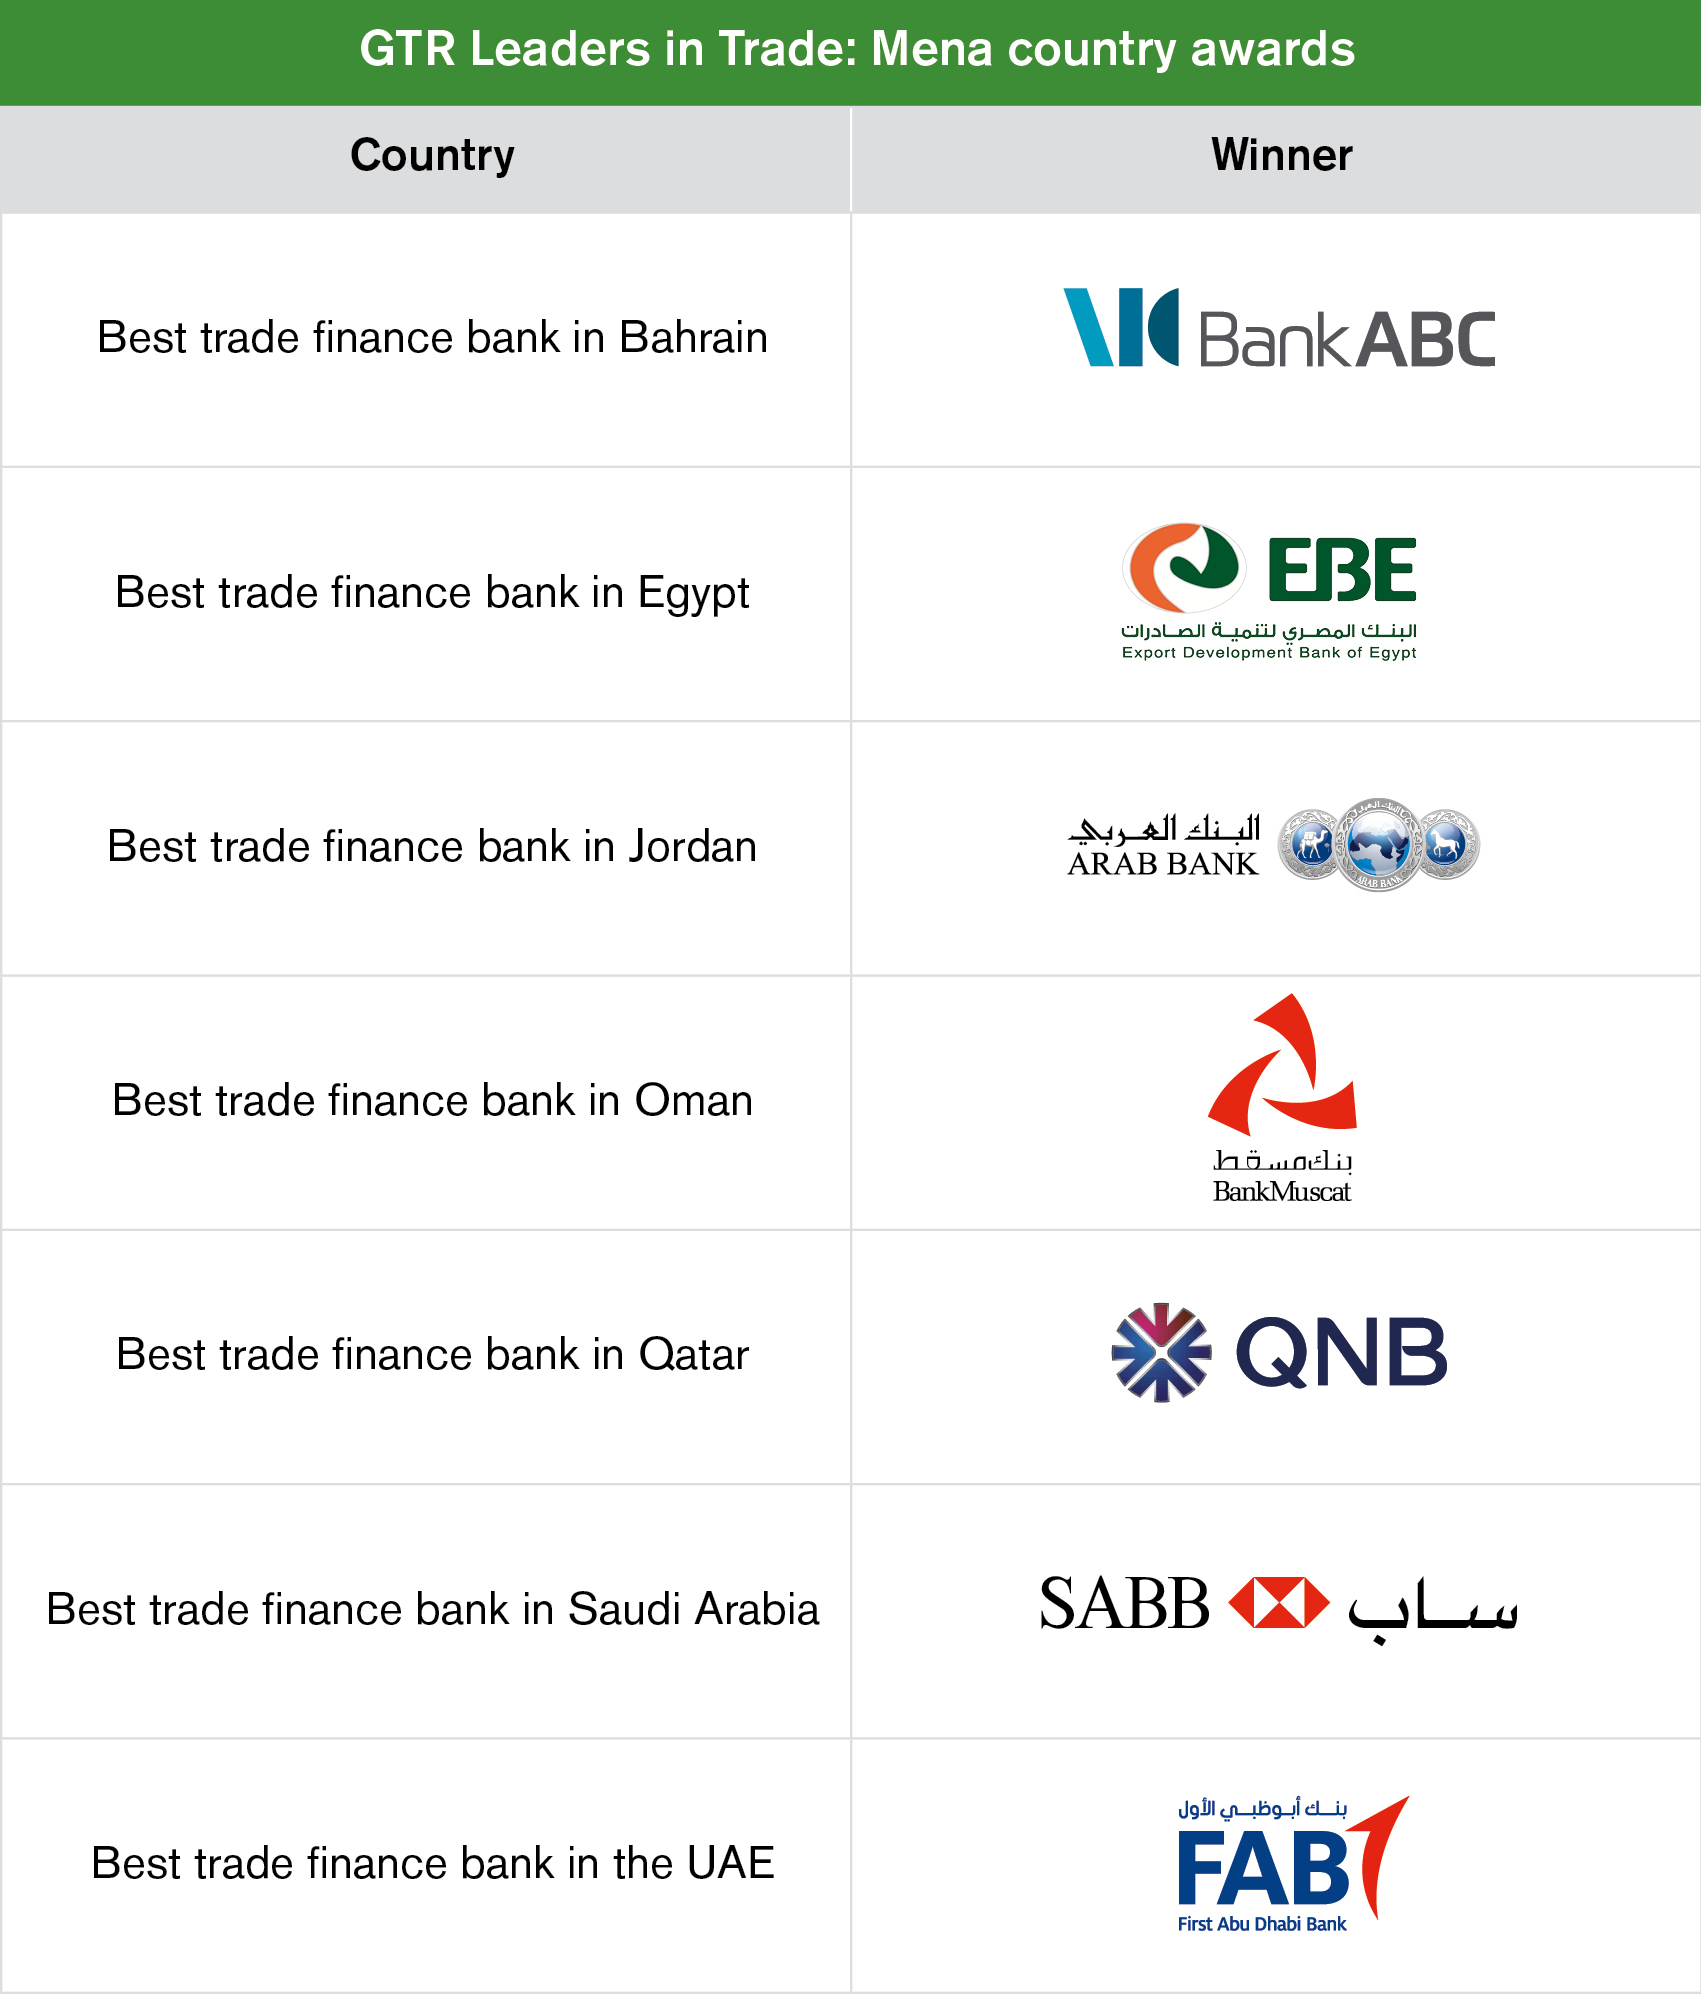 GTR Leaders in Trade 2019: Mena | Global Trade Review (GTR)